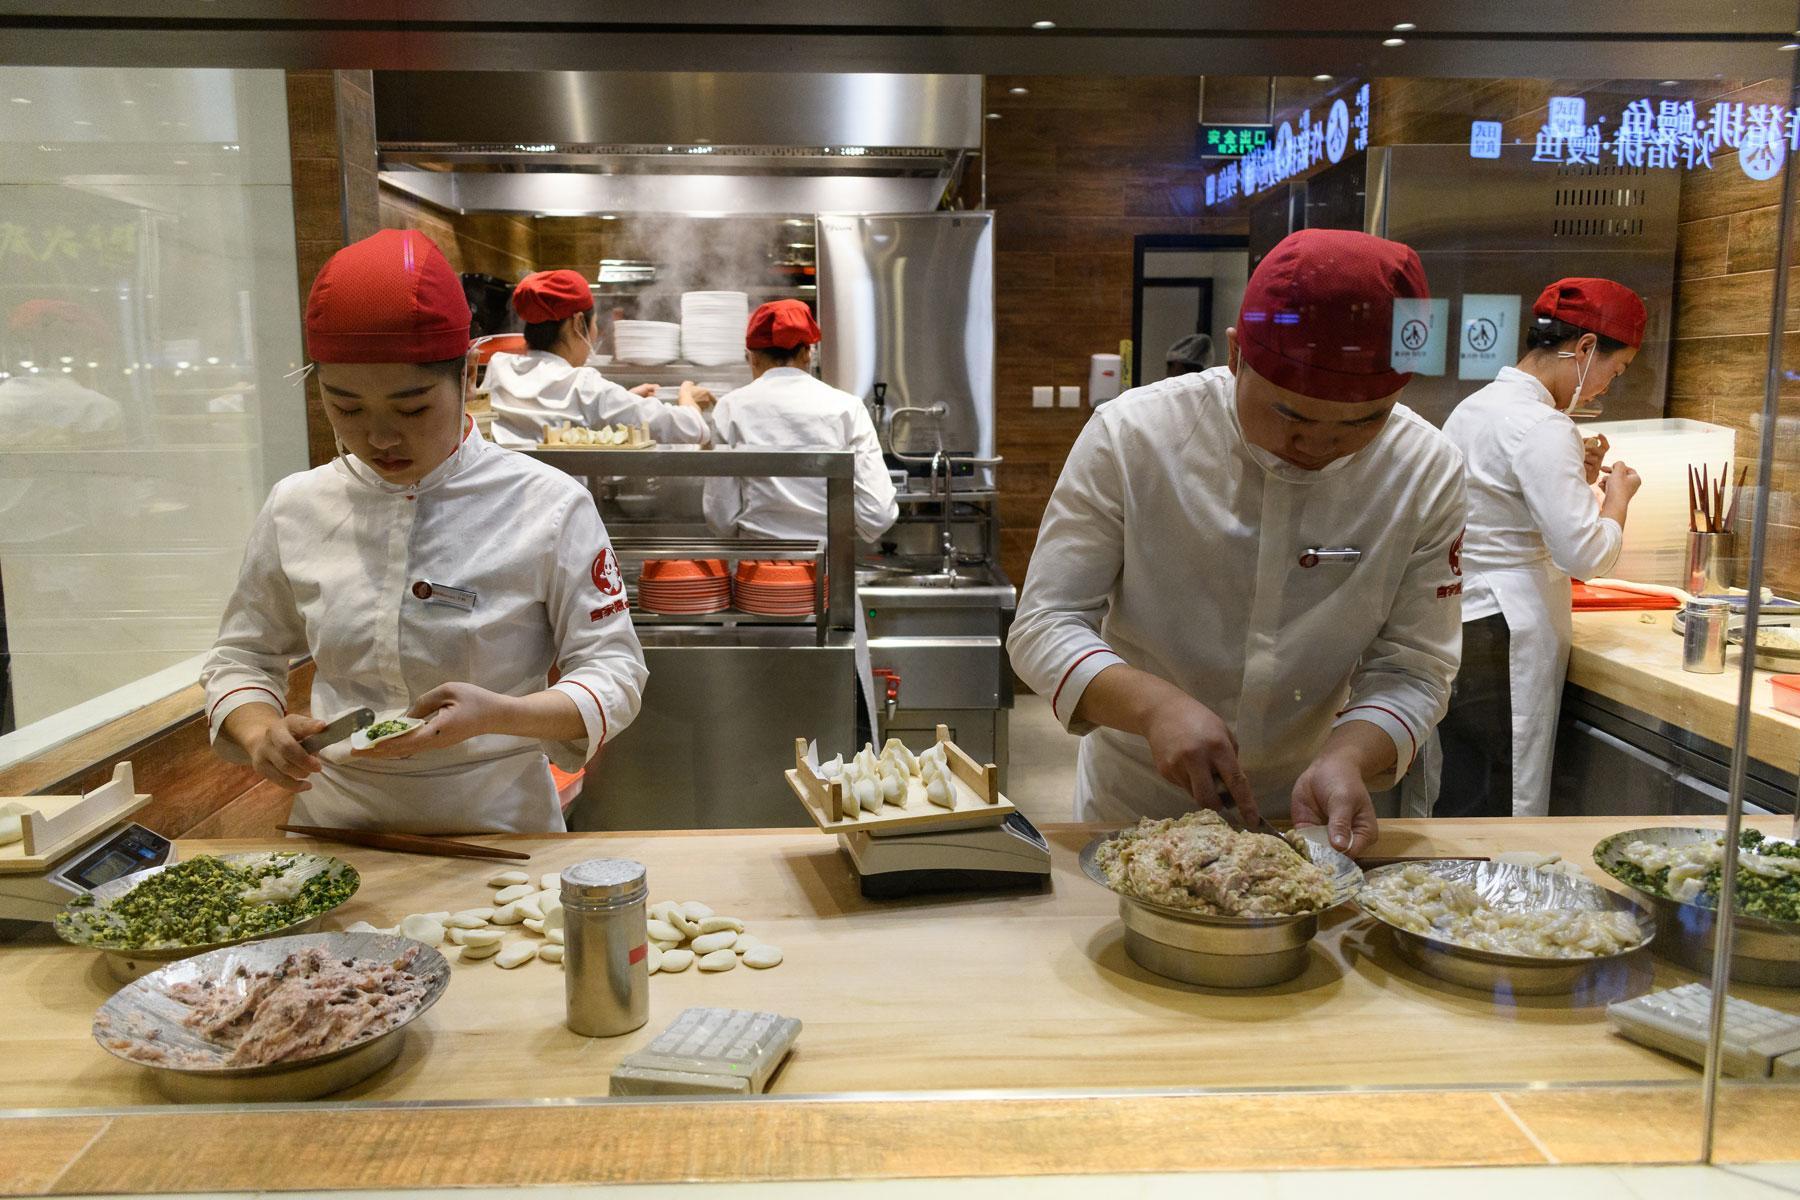 In this Beijing restaurant, chefs make dumplings in front of customers.